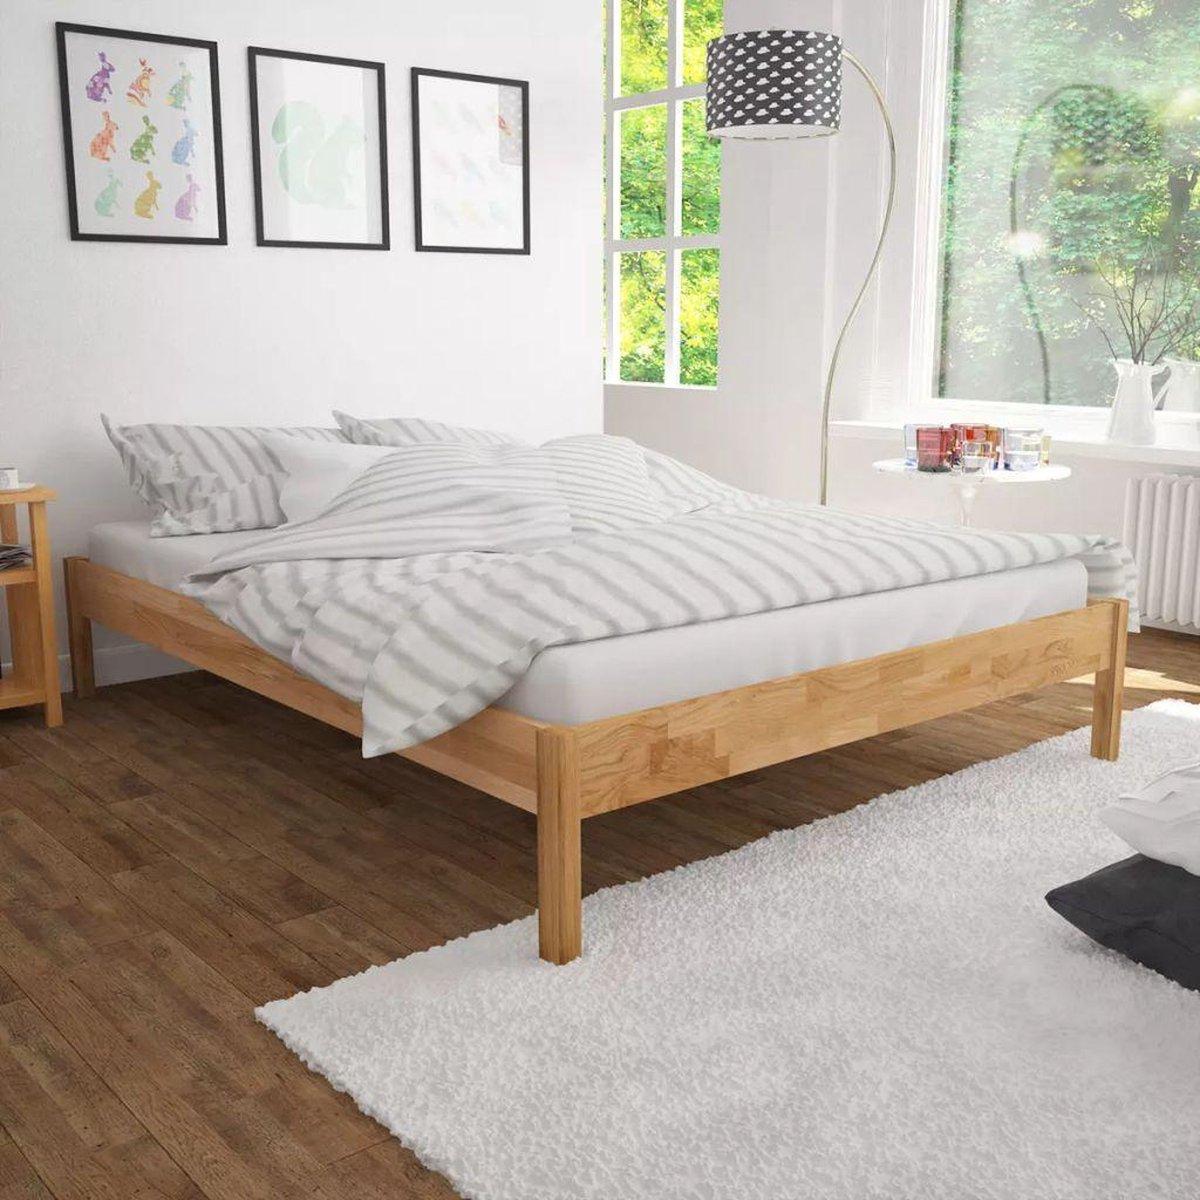 vidaXL Bedframe massief eikenhout 180x200 cm - vidaXL